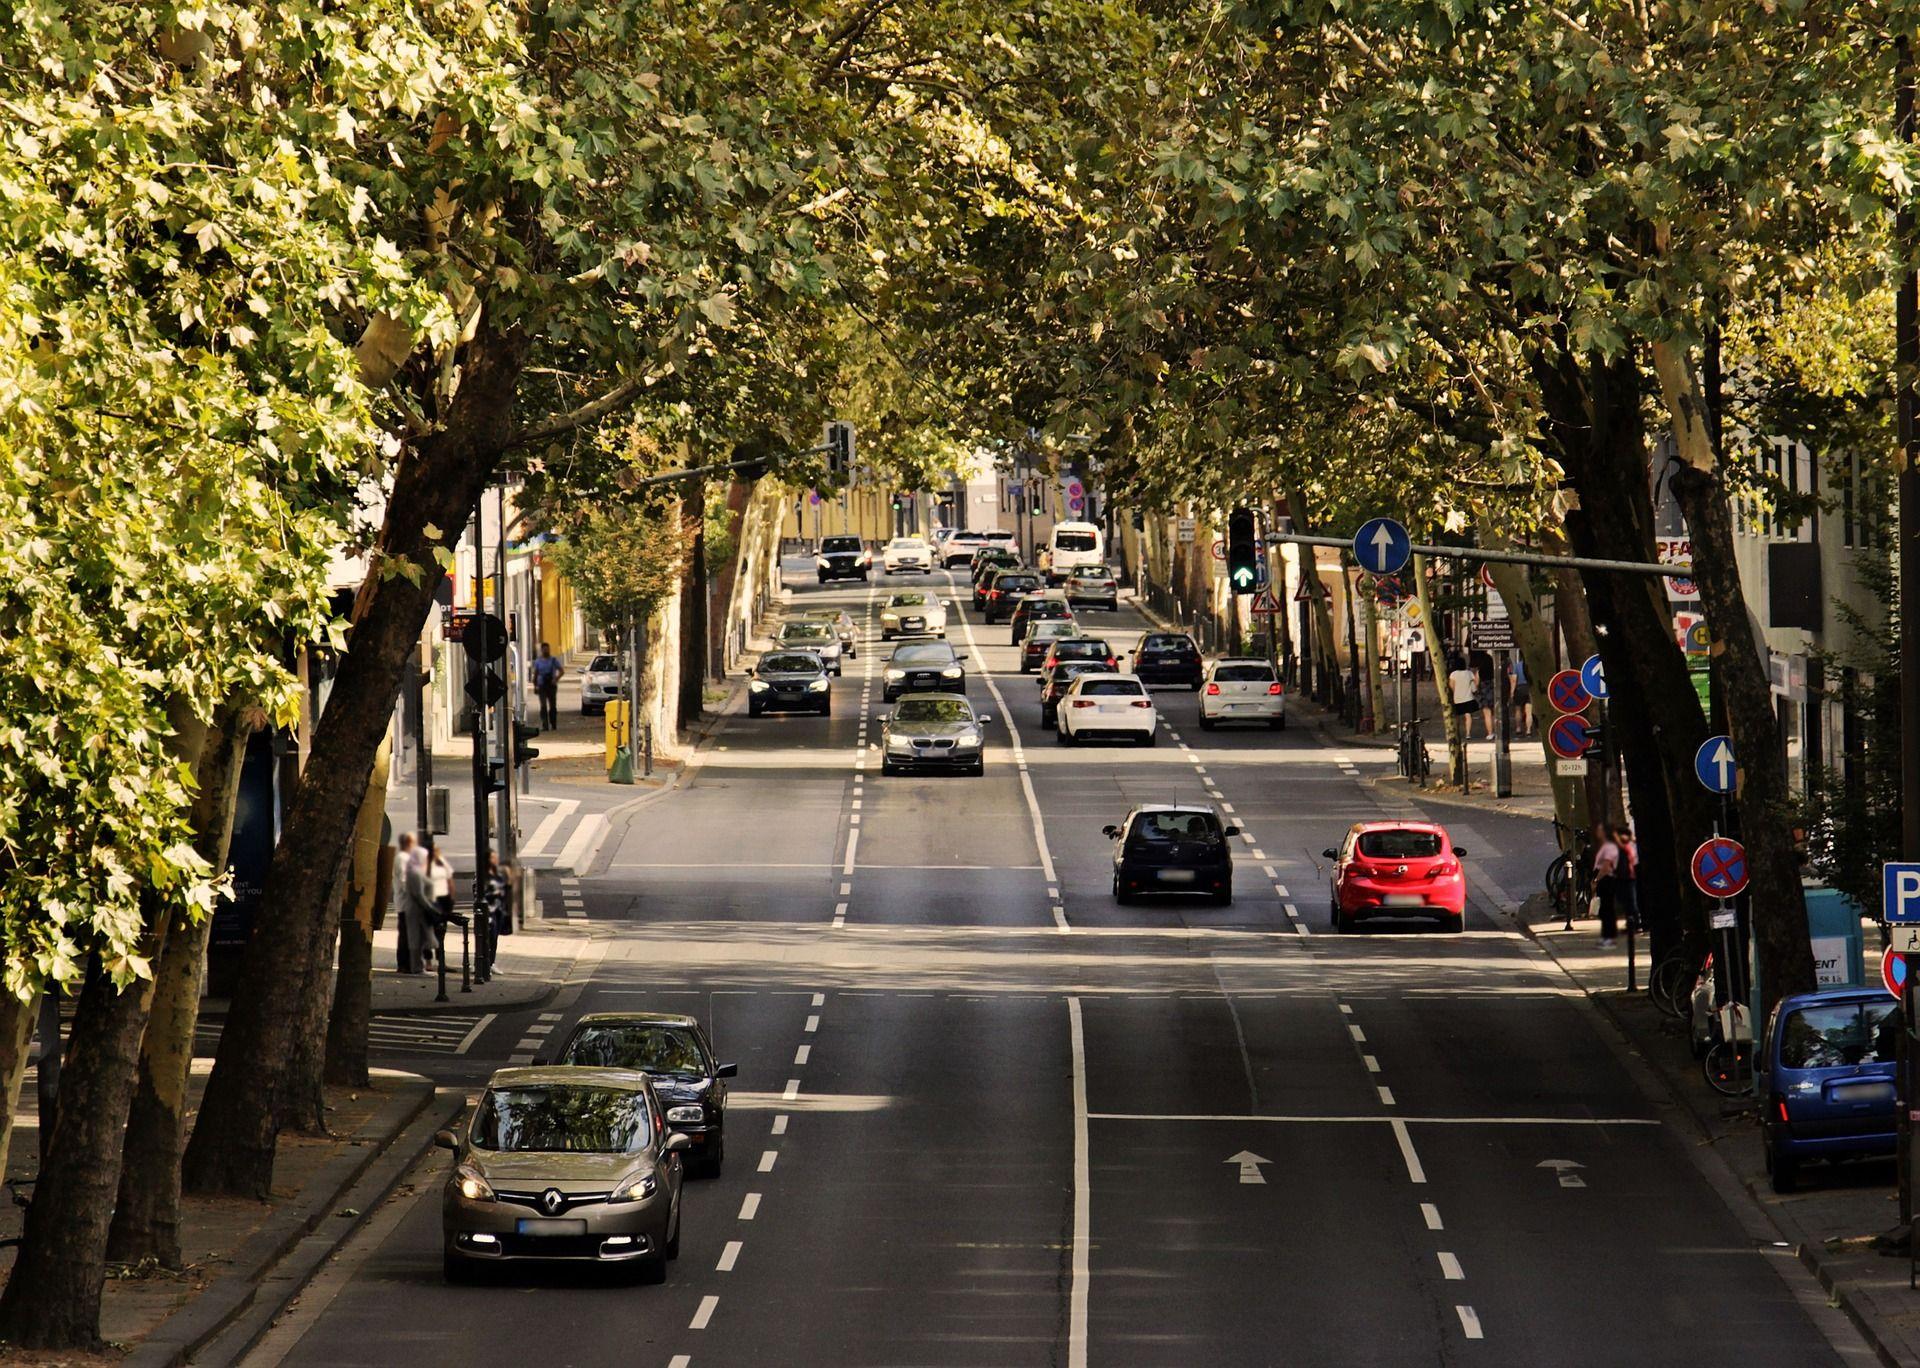 Ulica z pieszymi